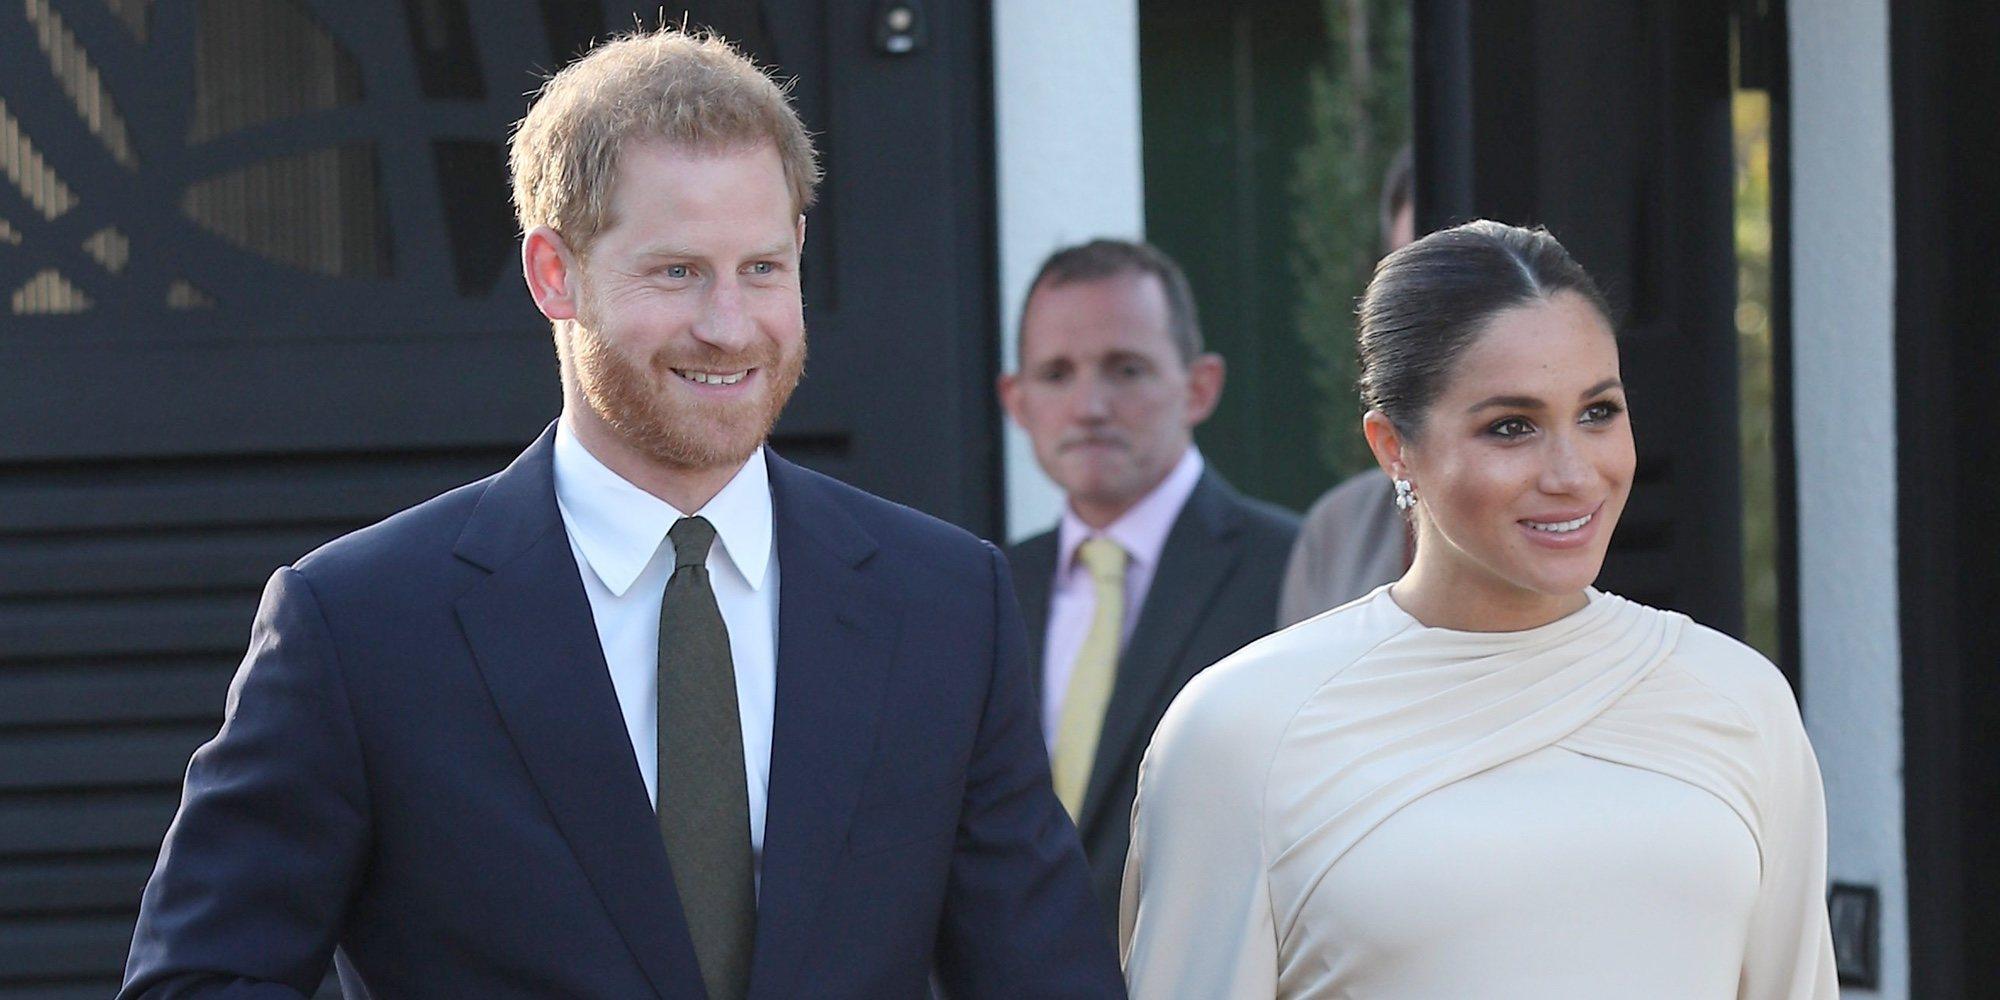 El misterio del traslado del Príncipe Harry y Meghan Markle a África